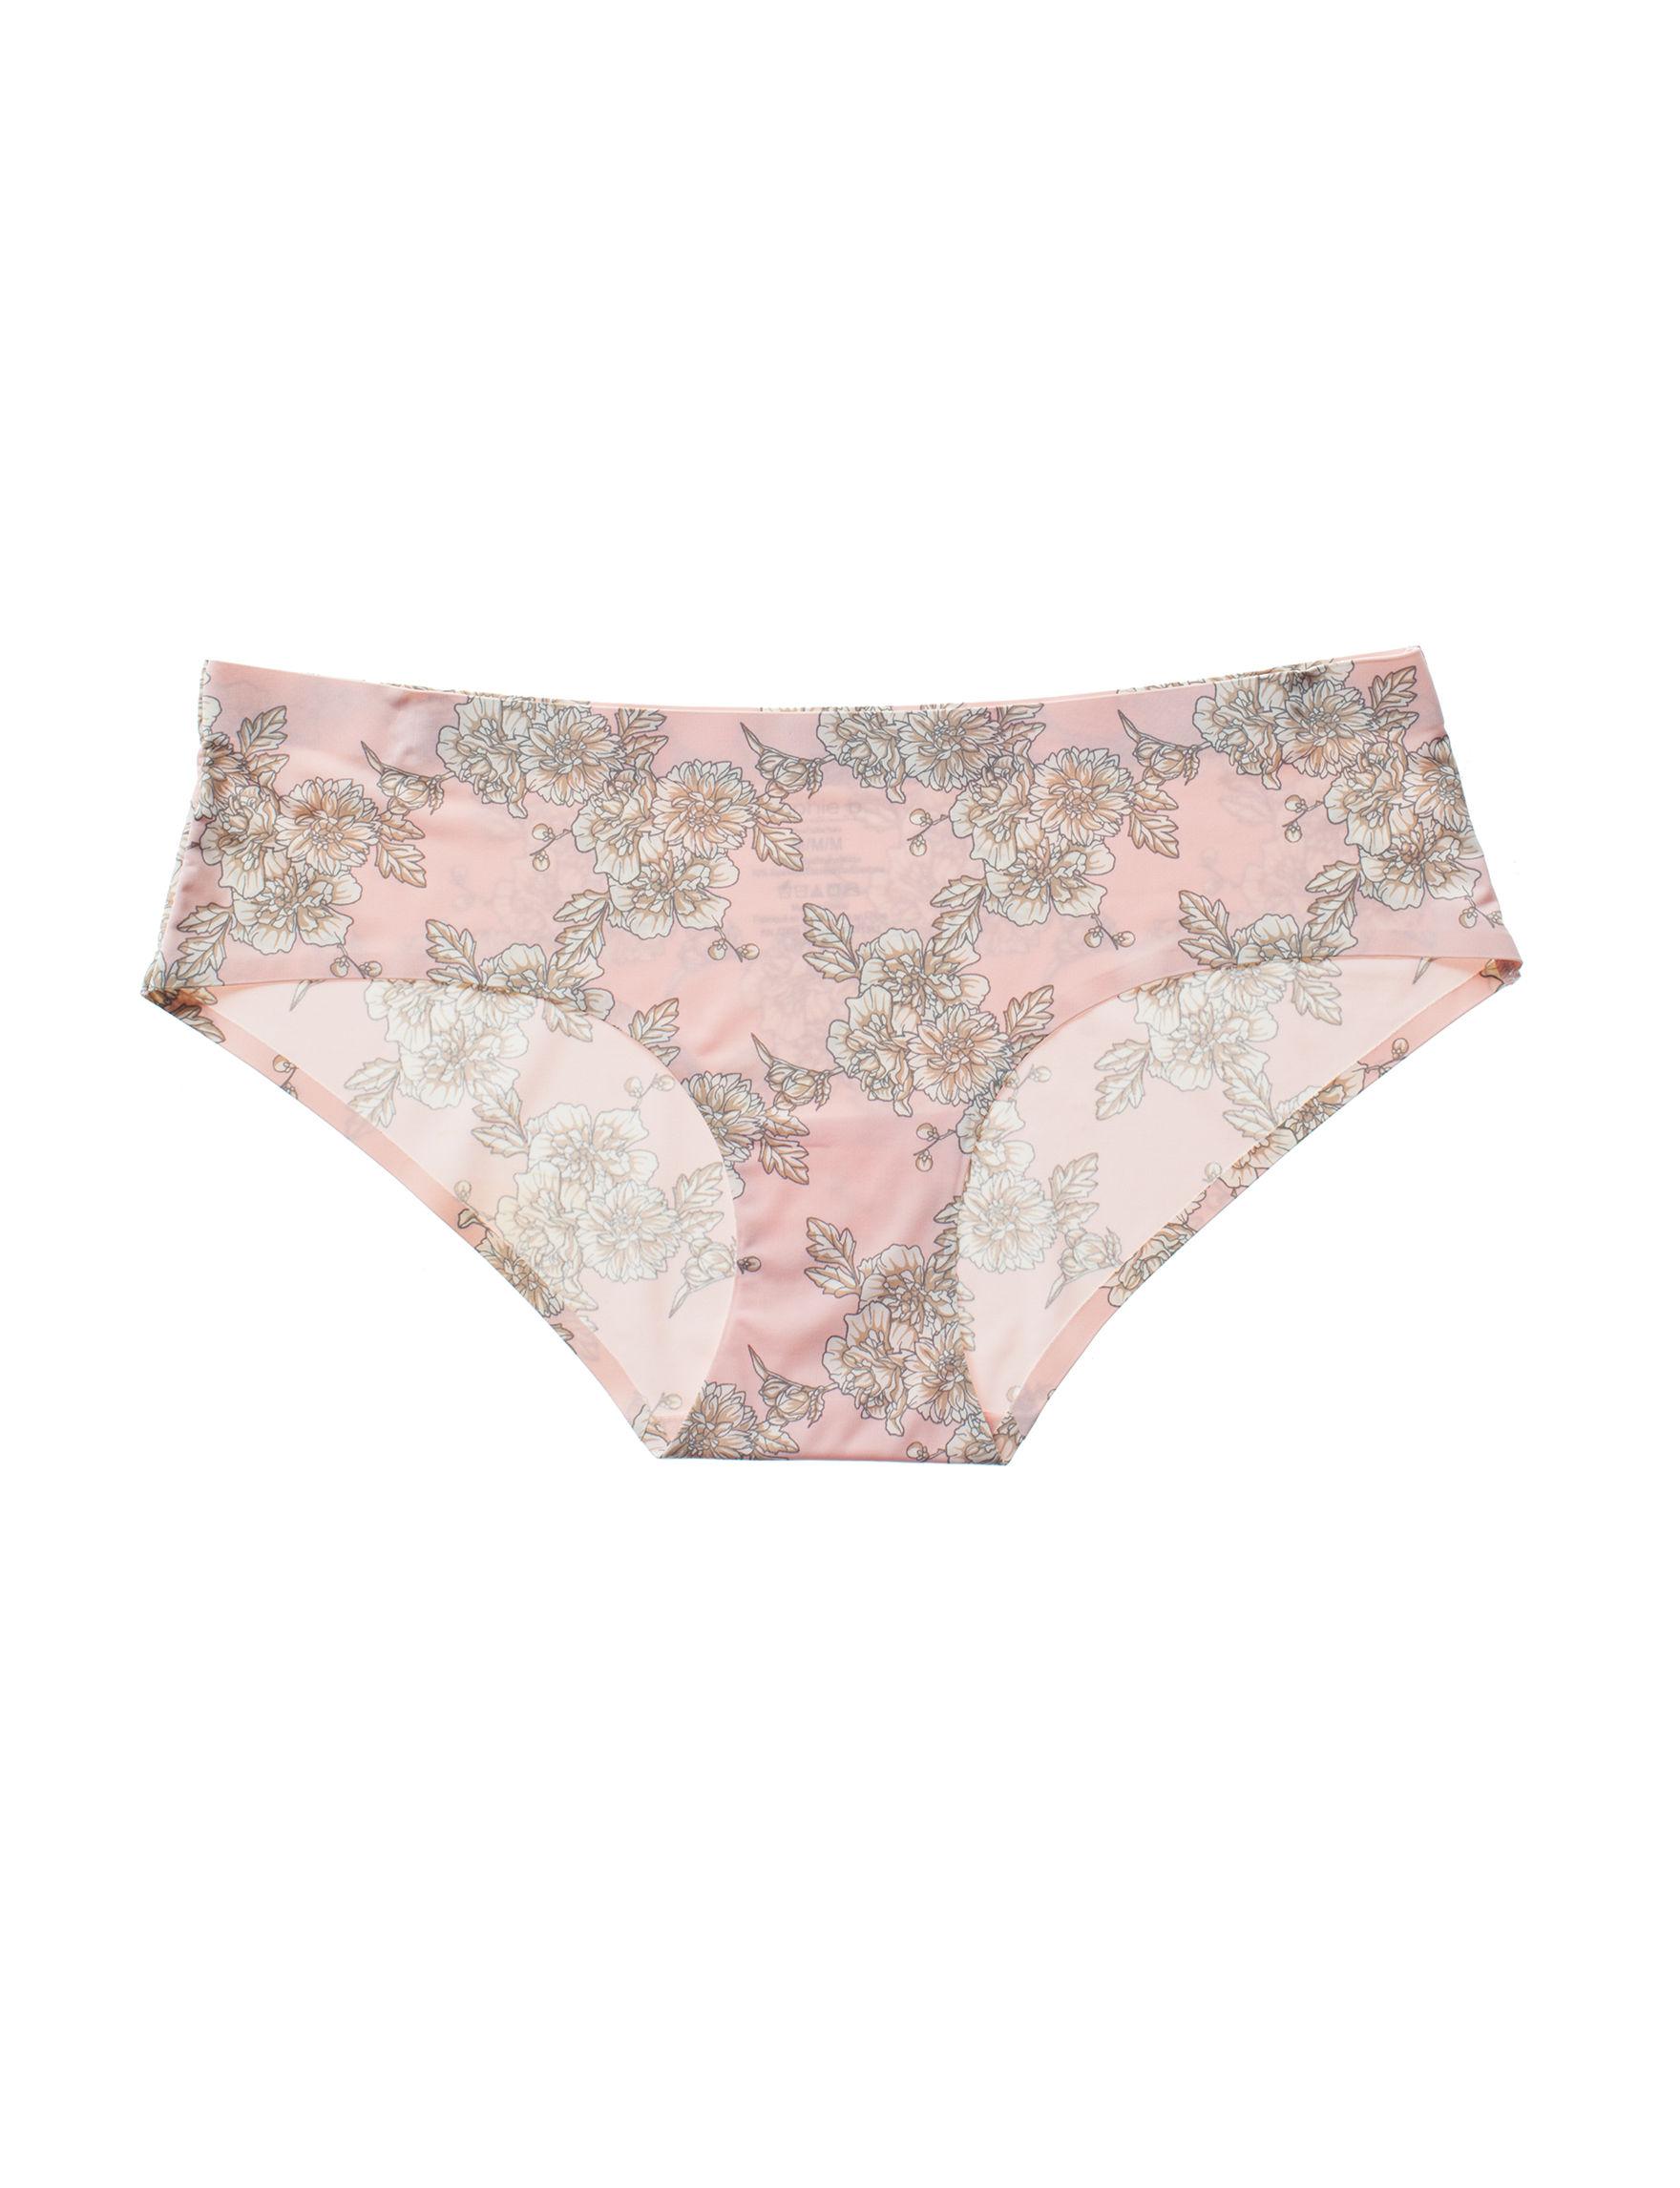 Sophie B Pink Floral Panties Hipster